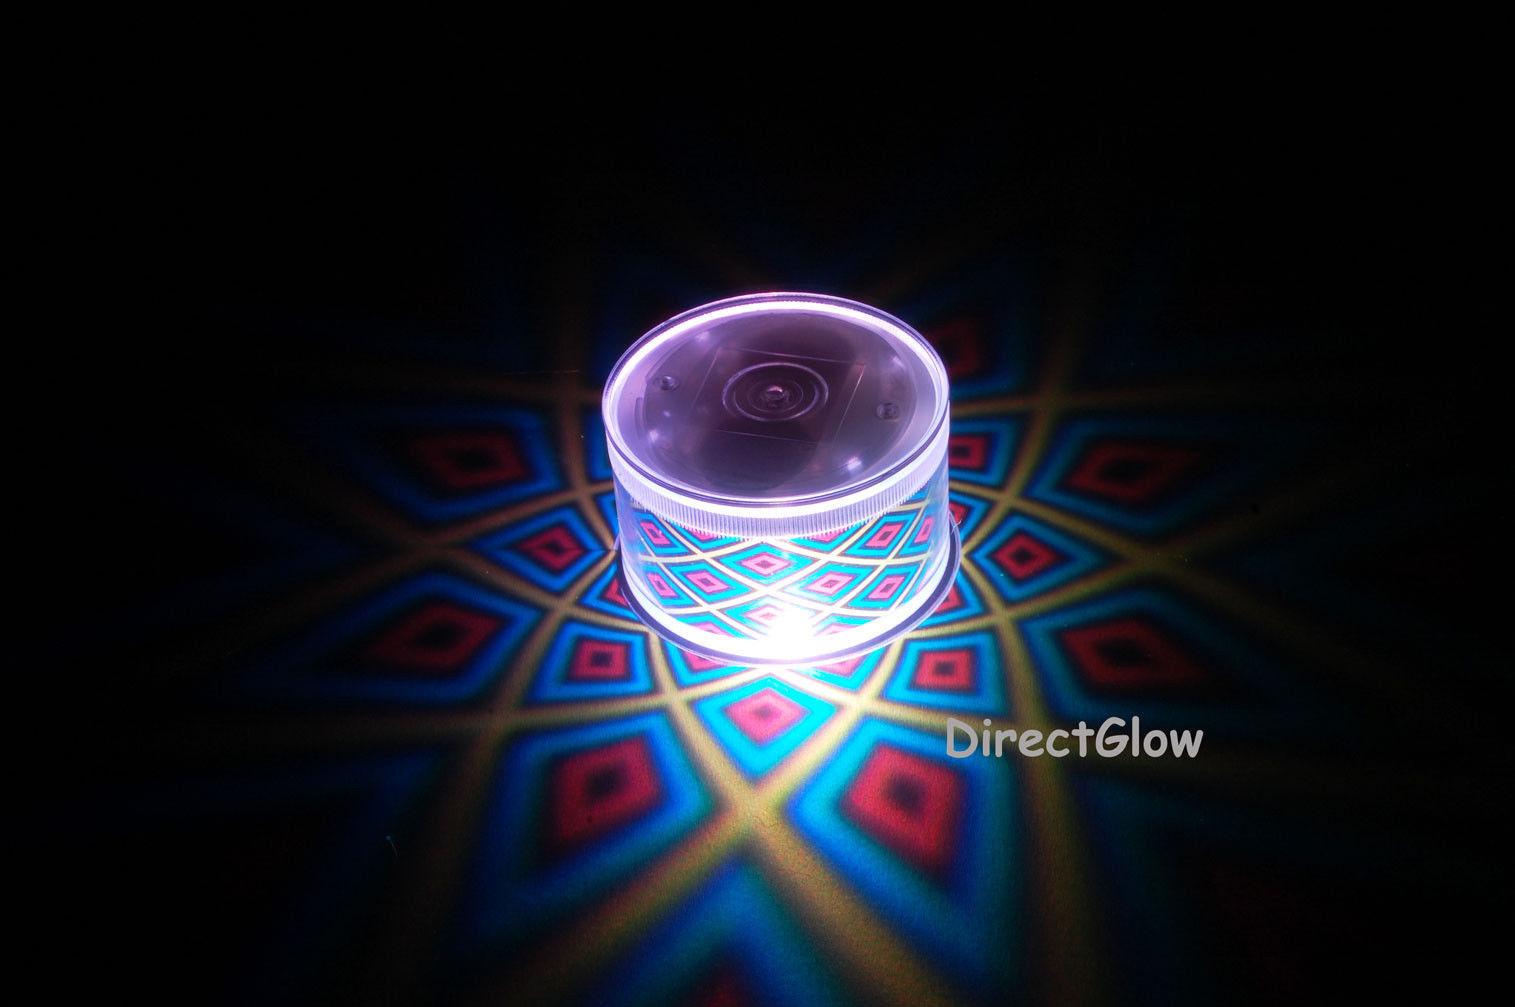 Set of 2 LiteRays LED Light Up Projection LitePod Drink Accessory- 5 Star - $14.50